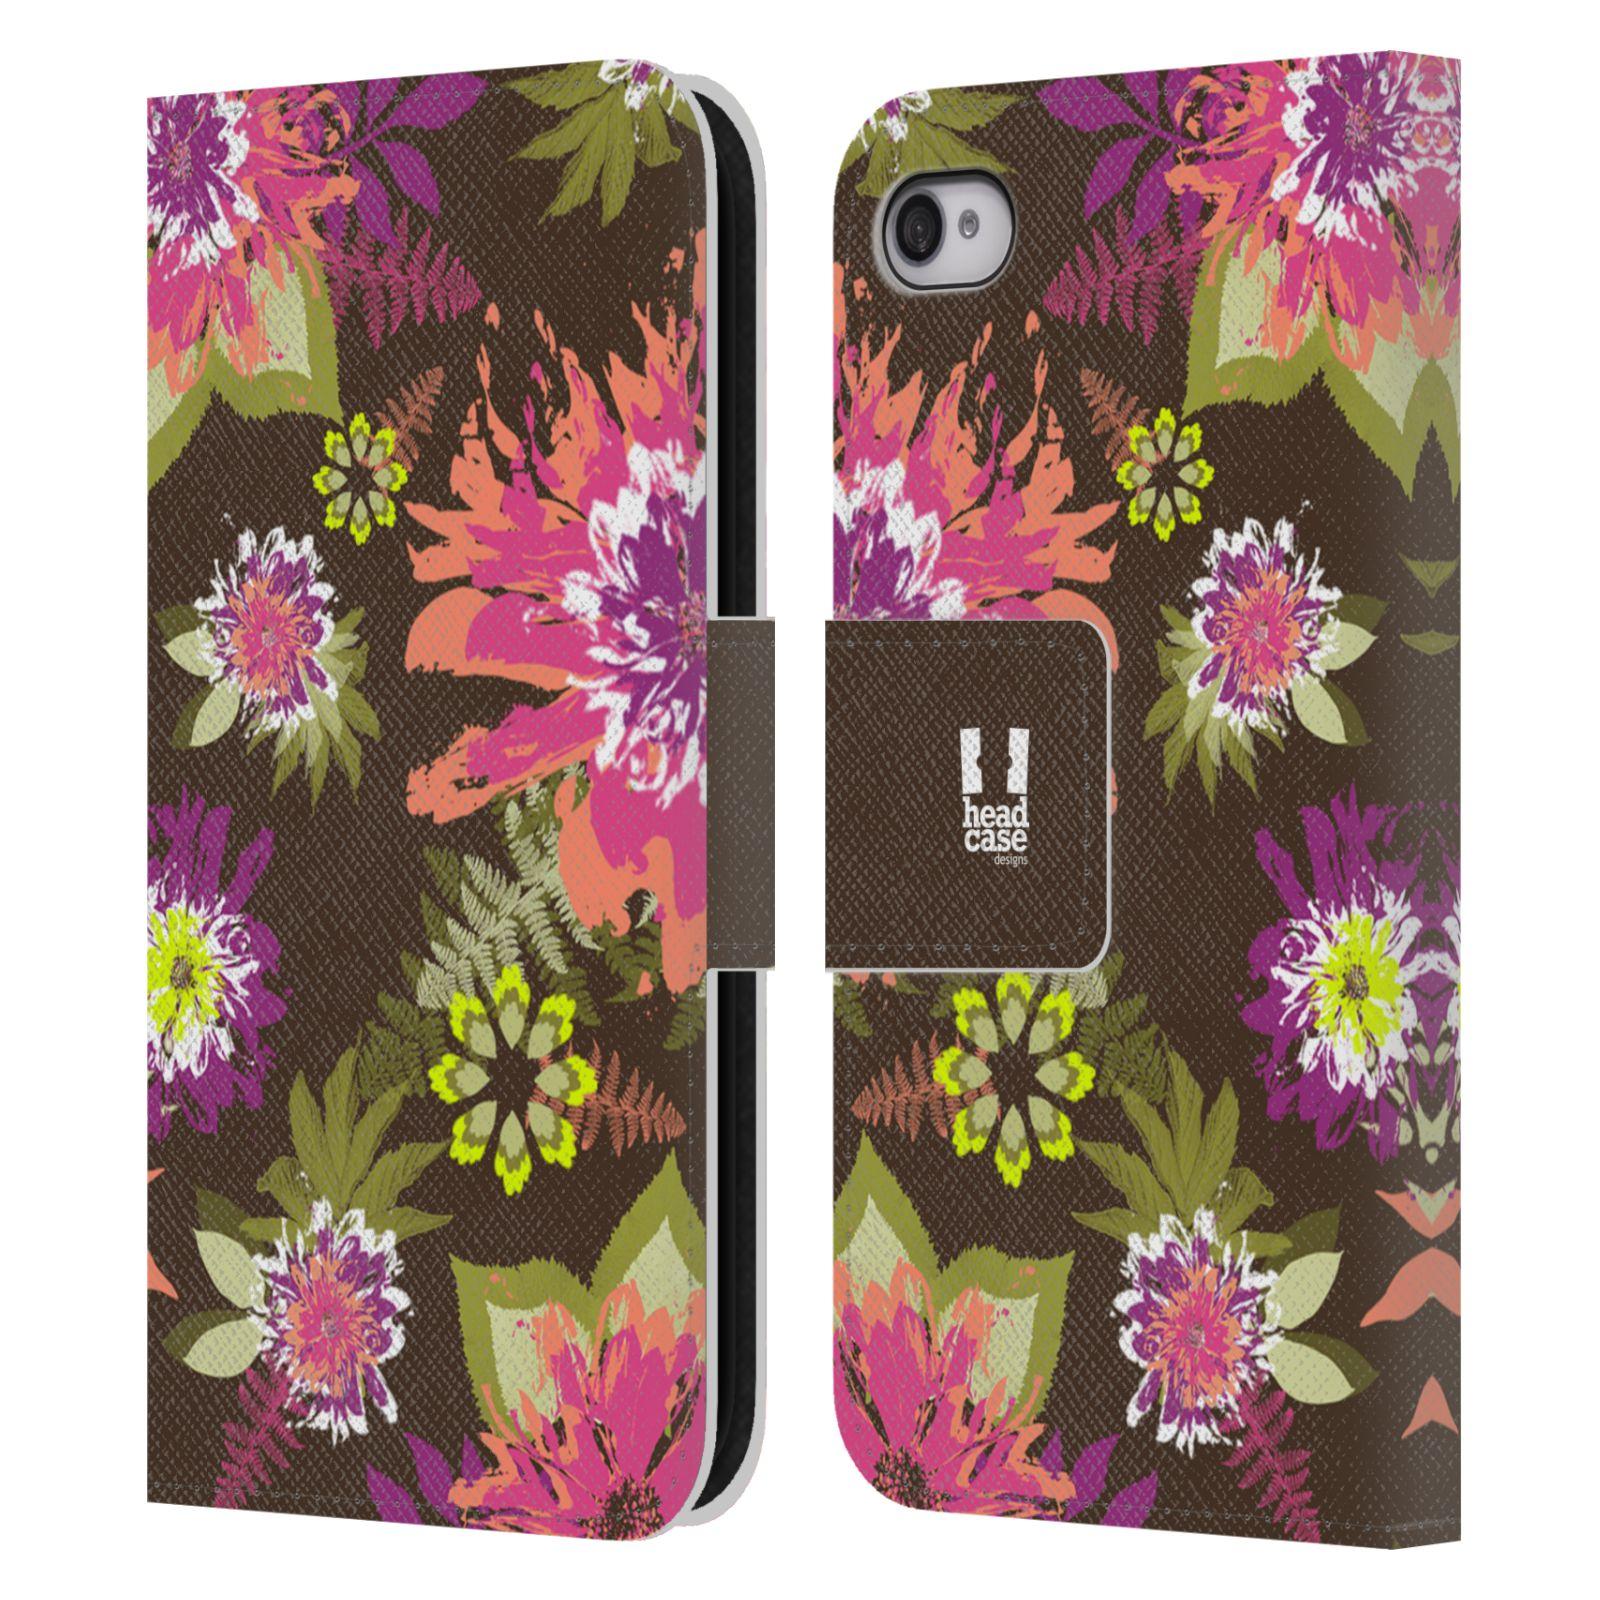 HEAD CASE Flipové pouzdro pro mobil Apple Iphone 4/4s BOTANIKA barevné květy zelená